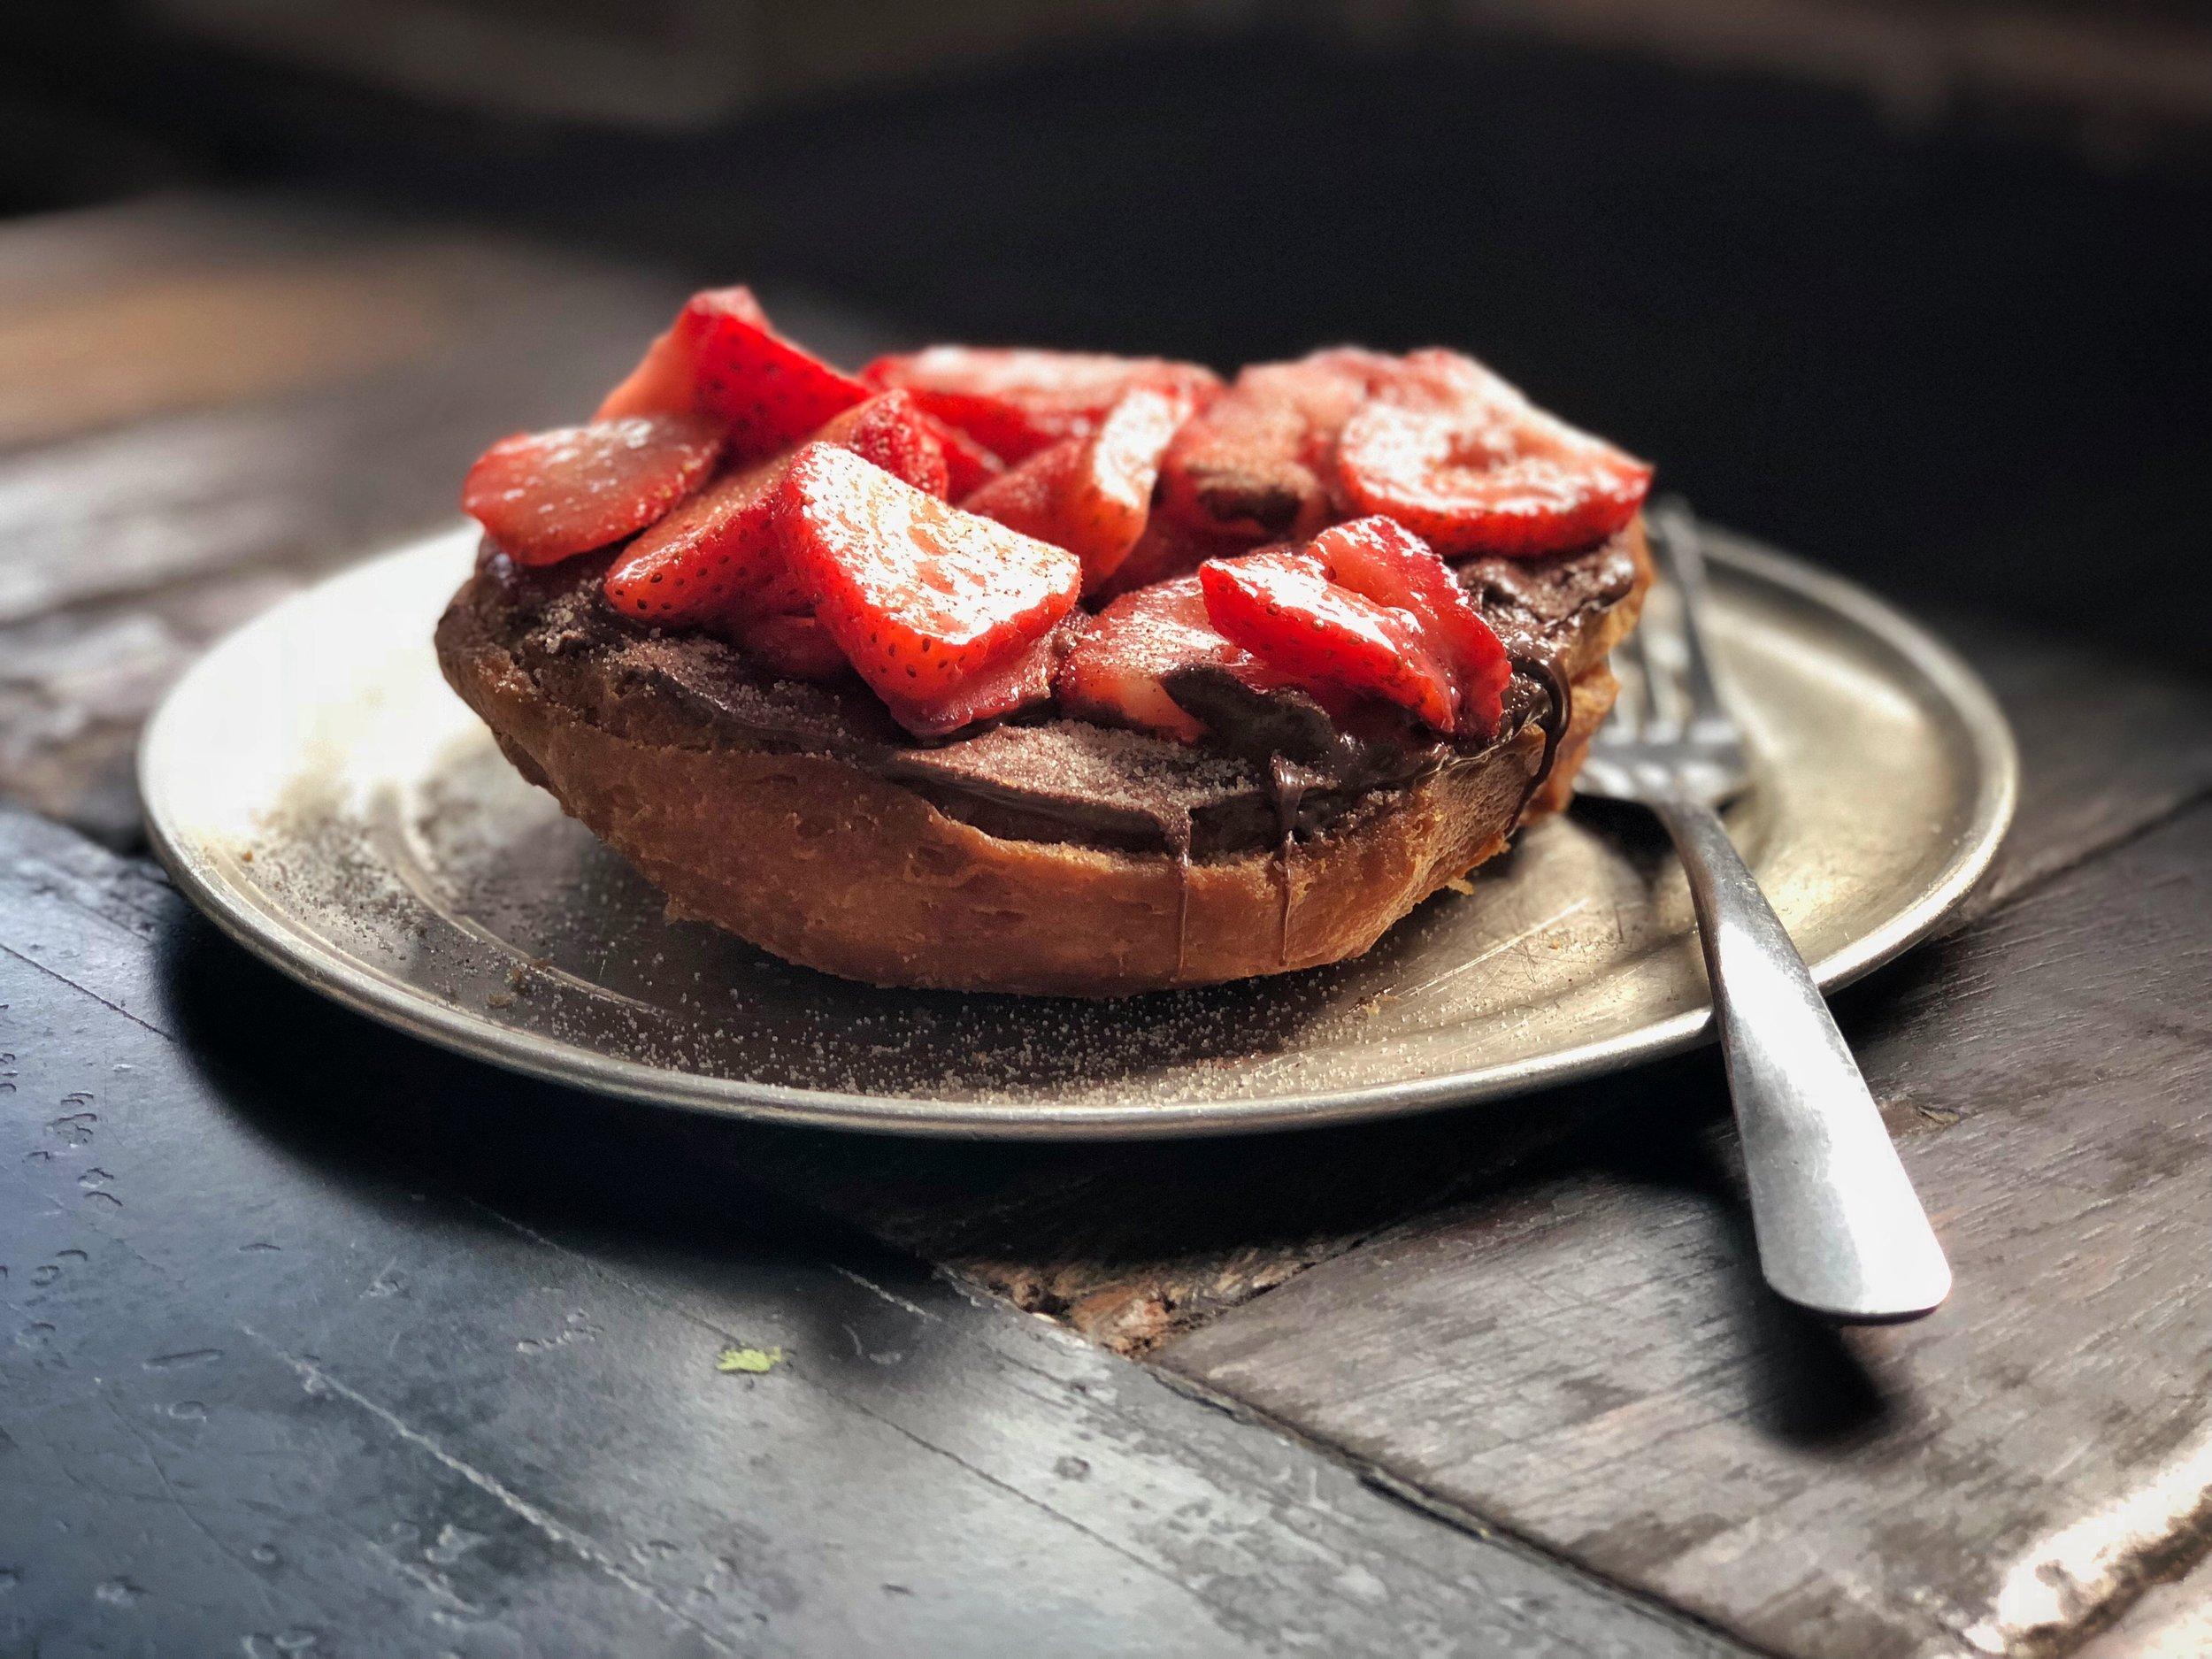 pâte à tartiner choco noisette par Alix Le Calvez Diététicienne Psychonutritionniste